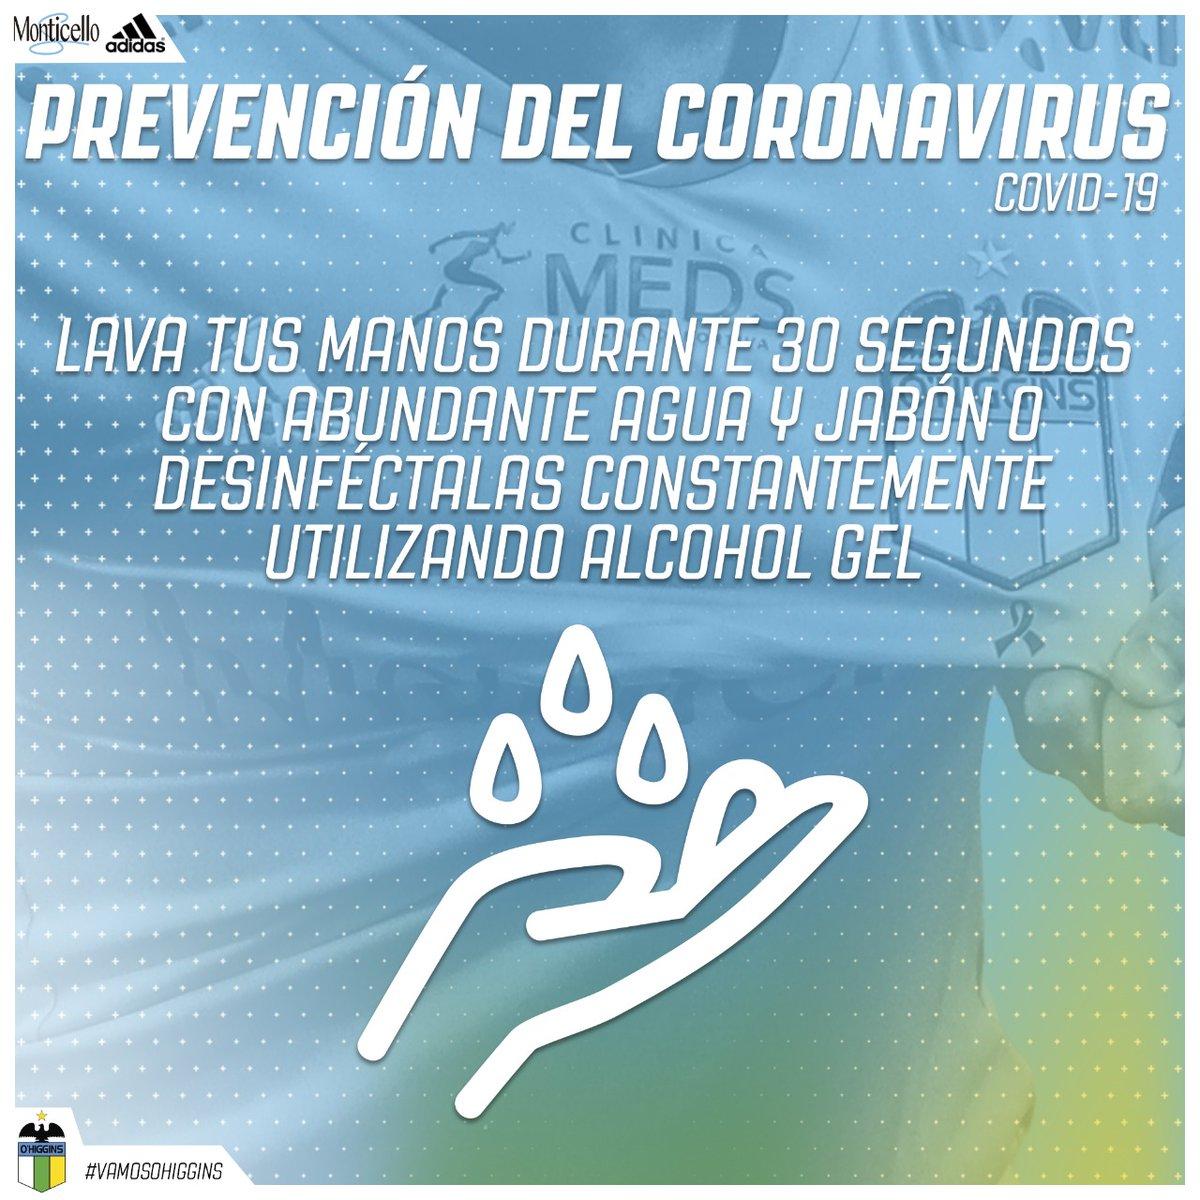 👉🏻 Sigue las siguientes recomendaciones para evitar contagiarse de Covid-19 🦠 🧼 Lava tus manos con abundante agua y jabón 🙅🏻♂️ Evita tocarte la cara con tus manos 🚗 Evita desplazamientos innecesarios y aglomeraciones de personas ¡Del coronavirus nos protegemos todos! 💪🏻